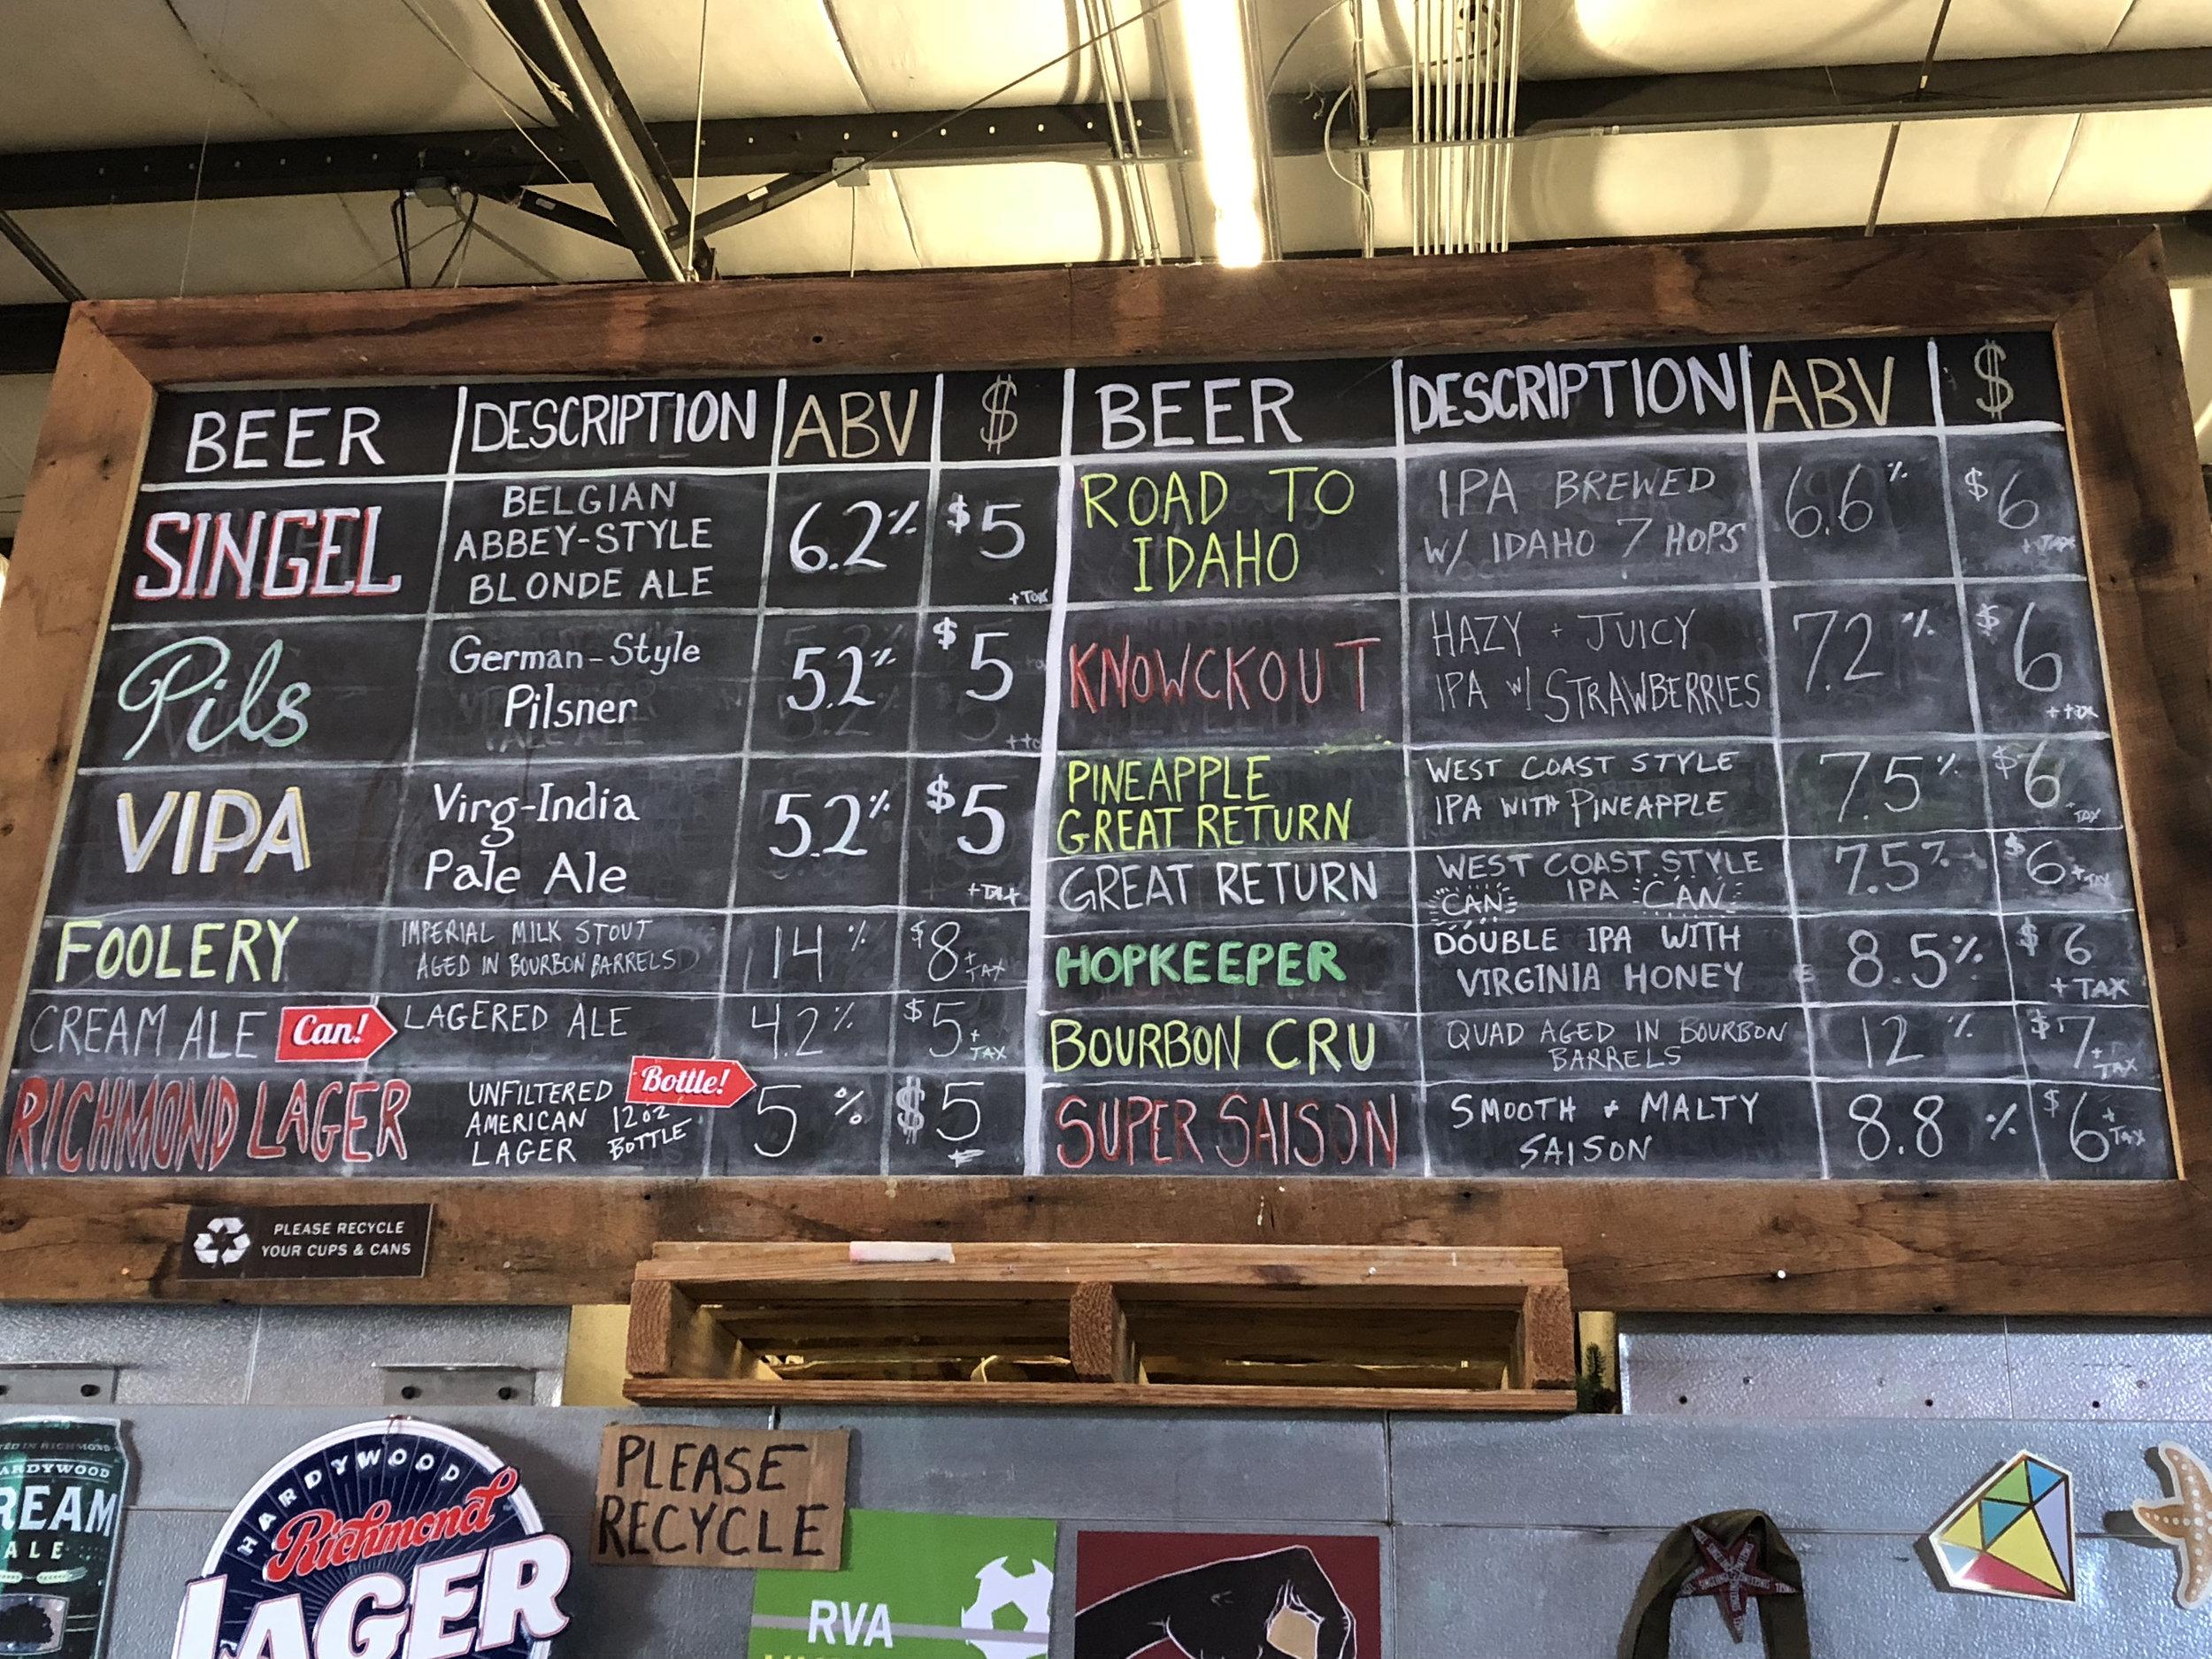 Marty_hardywood_beer_spiritedtable_photo4.jpg